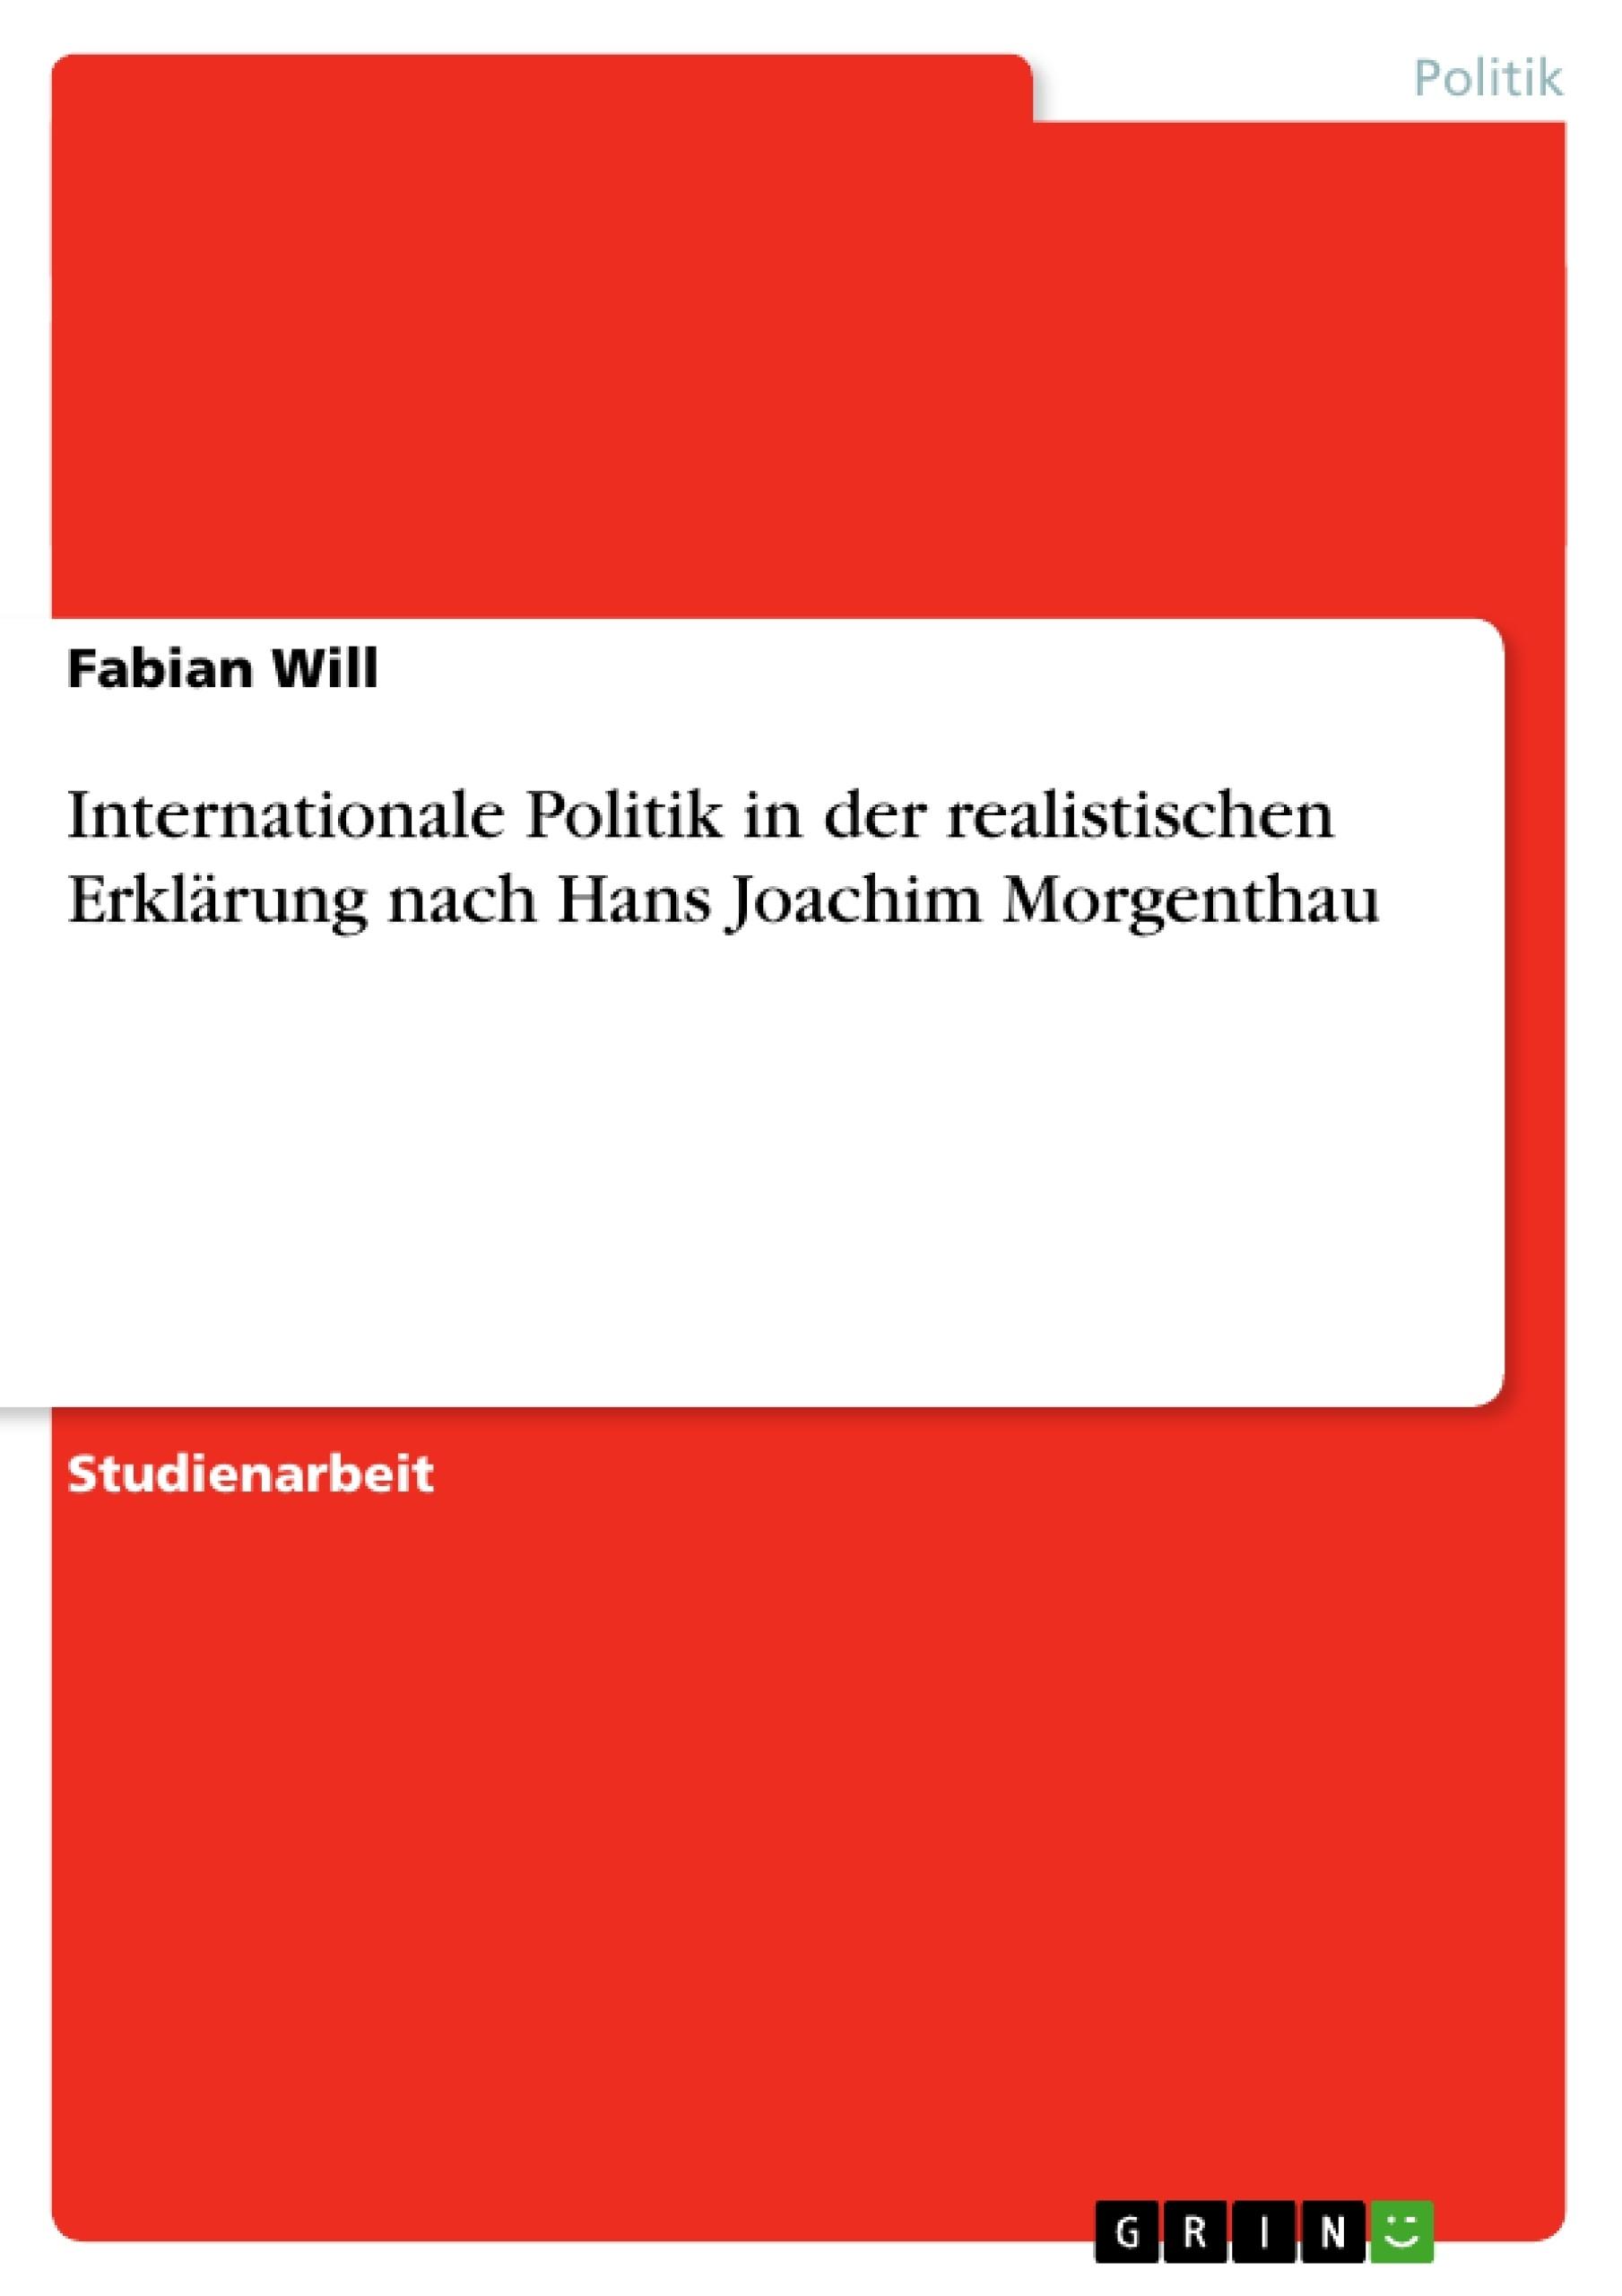 Titel: Internationale Politik in der realistischen Erklärung nach Hans Joachim Morgenthau